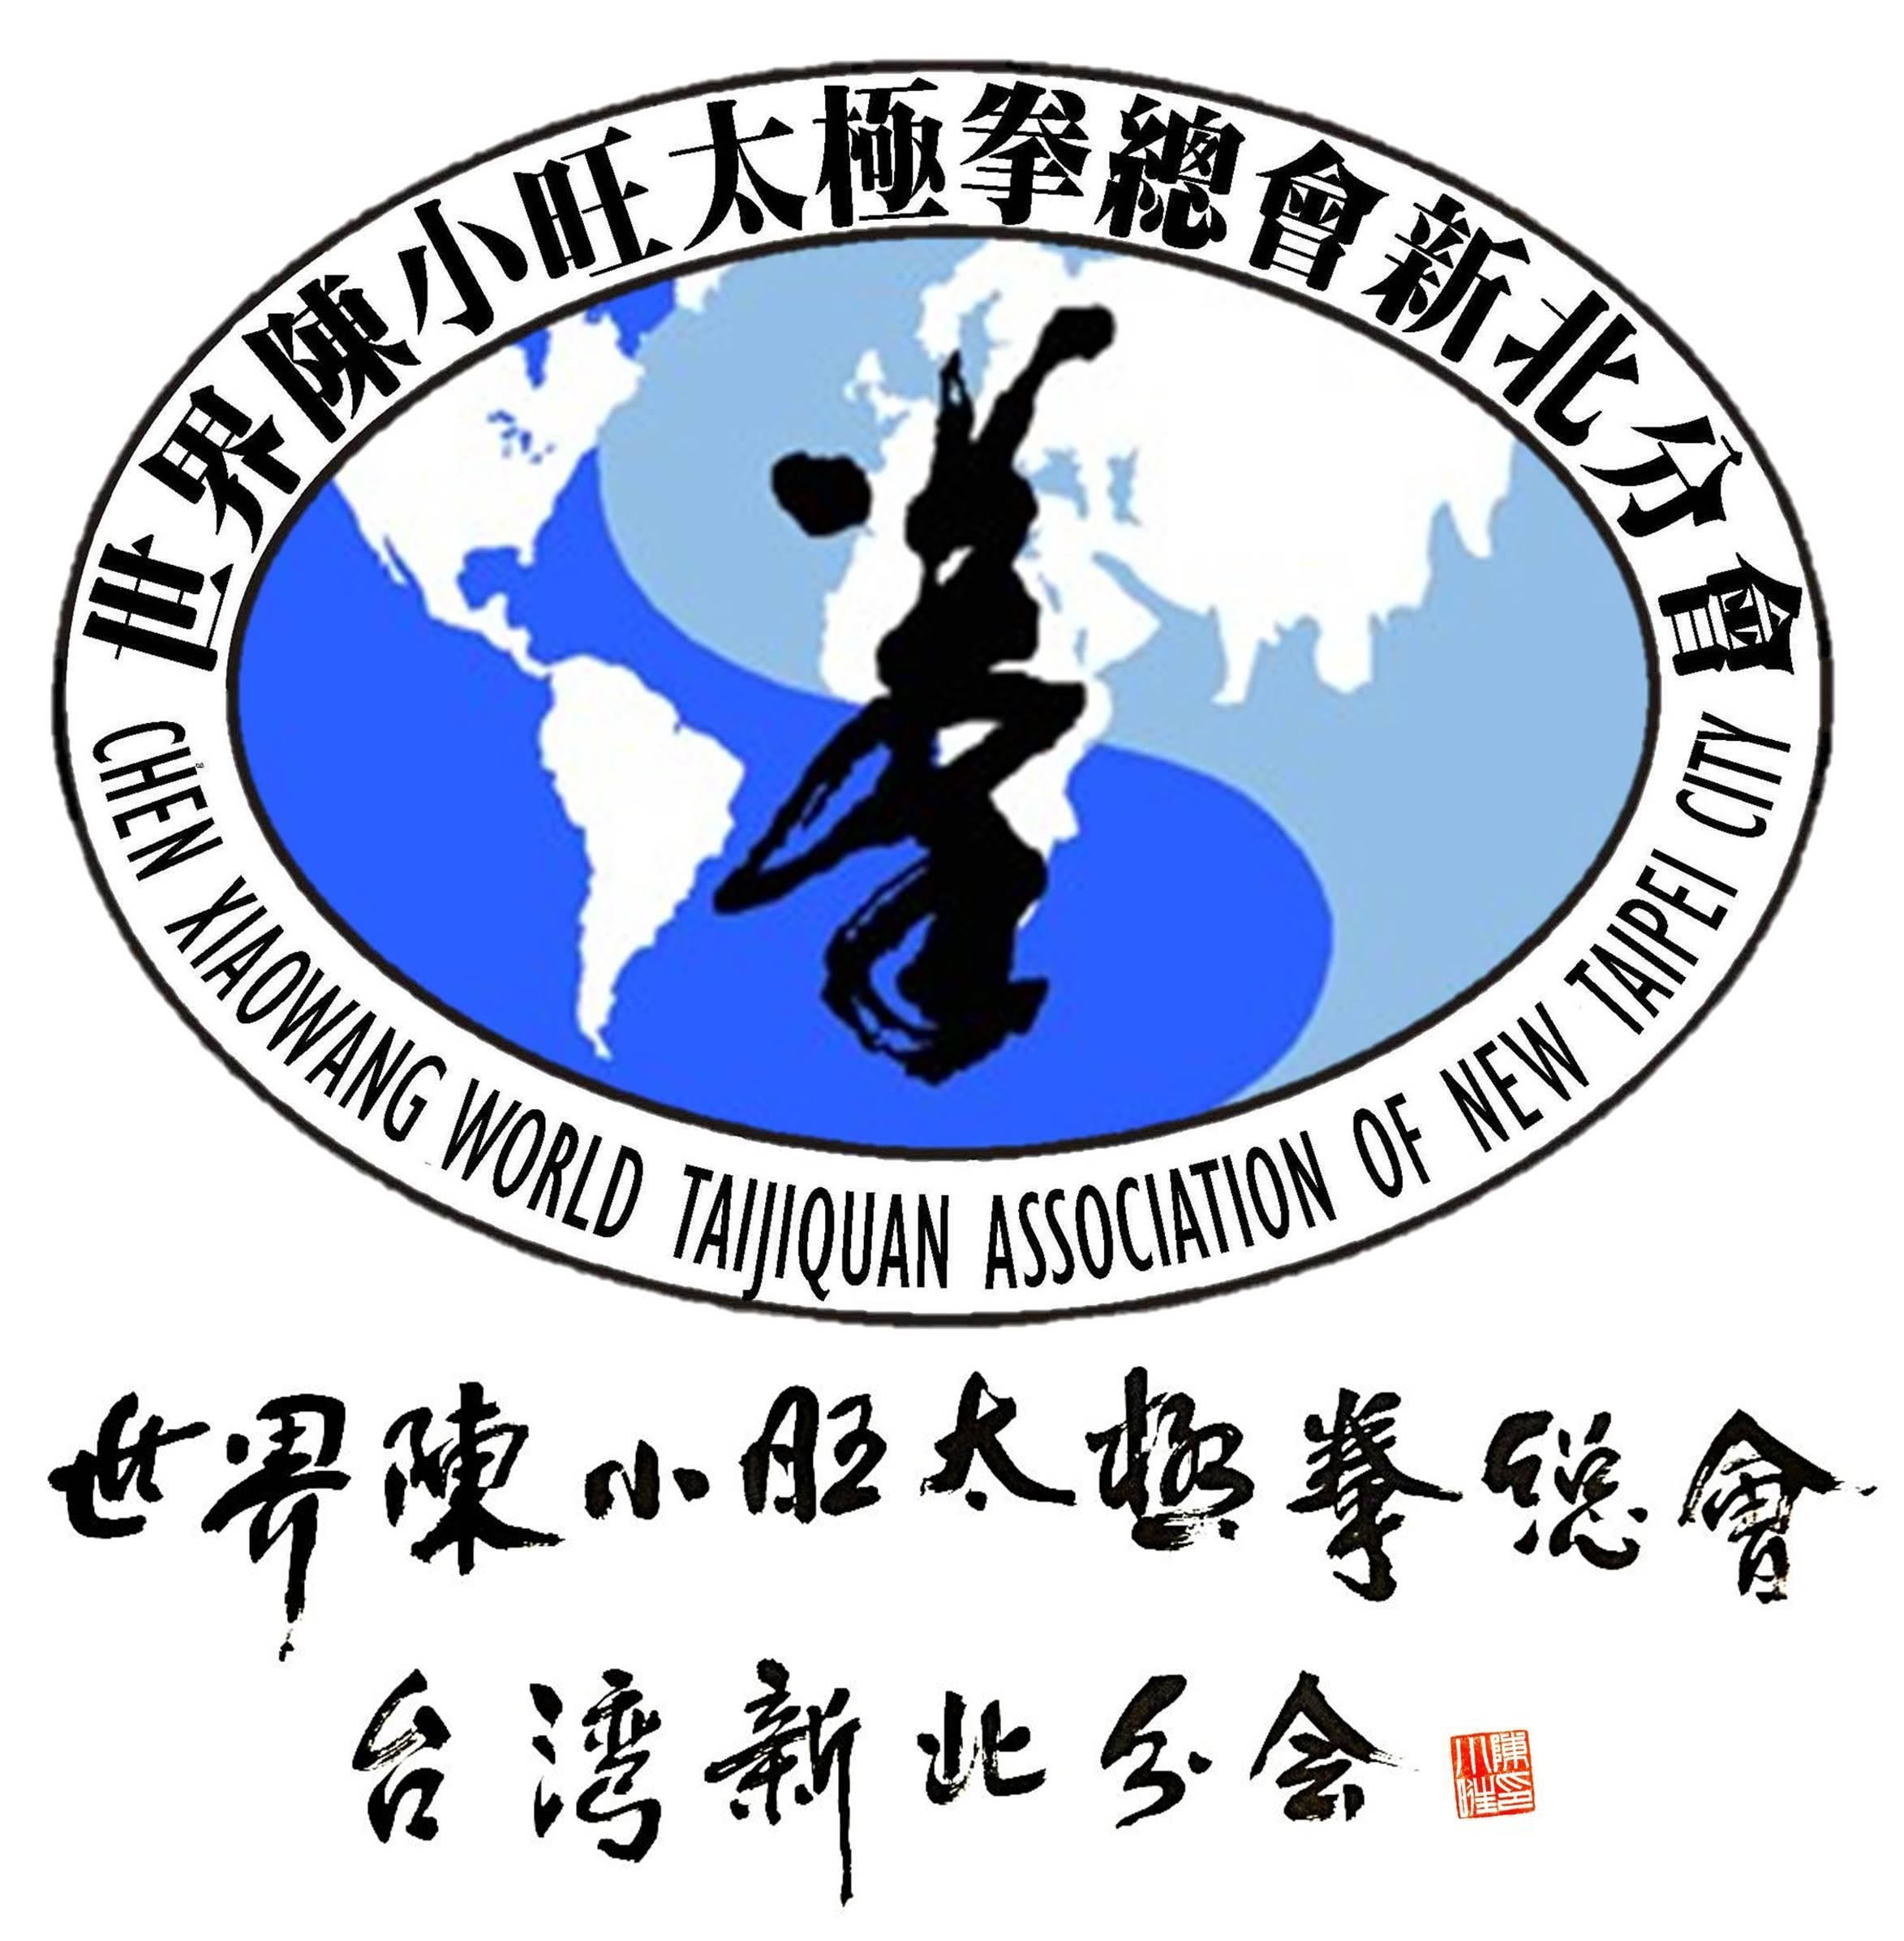 世界陳小旺太極拳總會新北分會